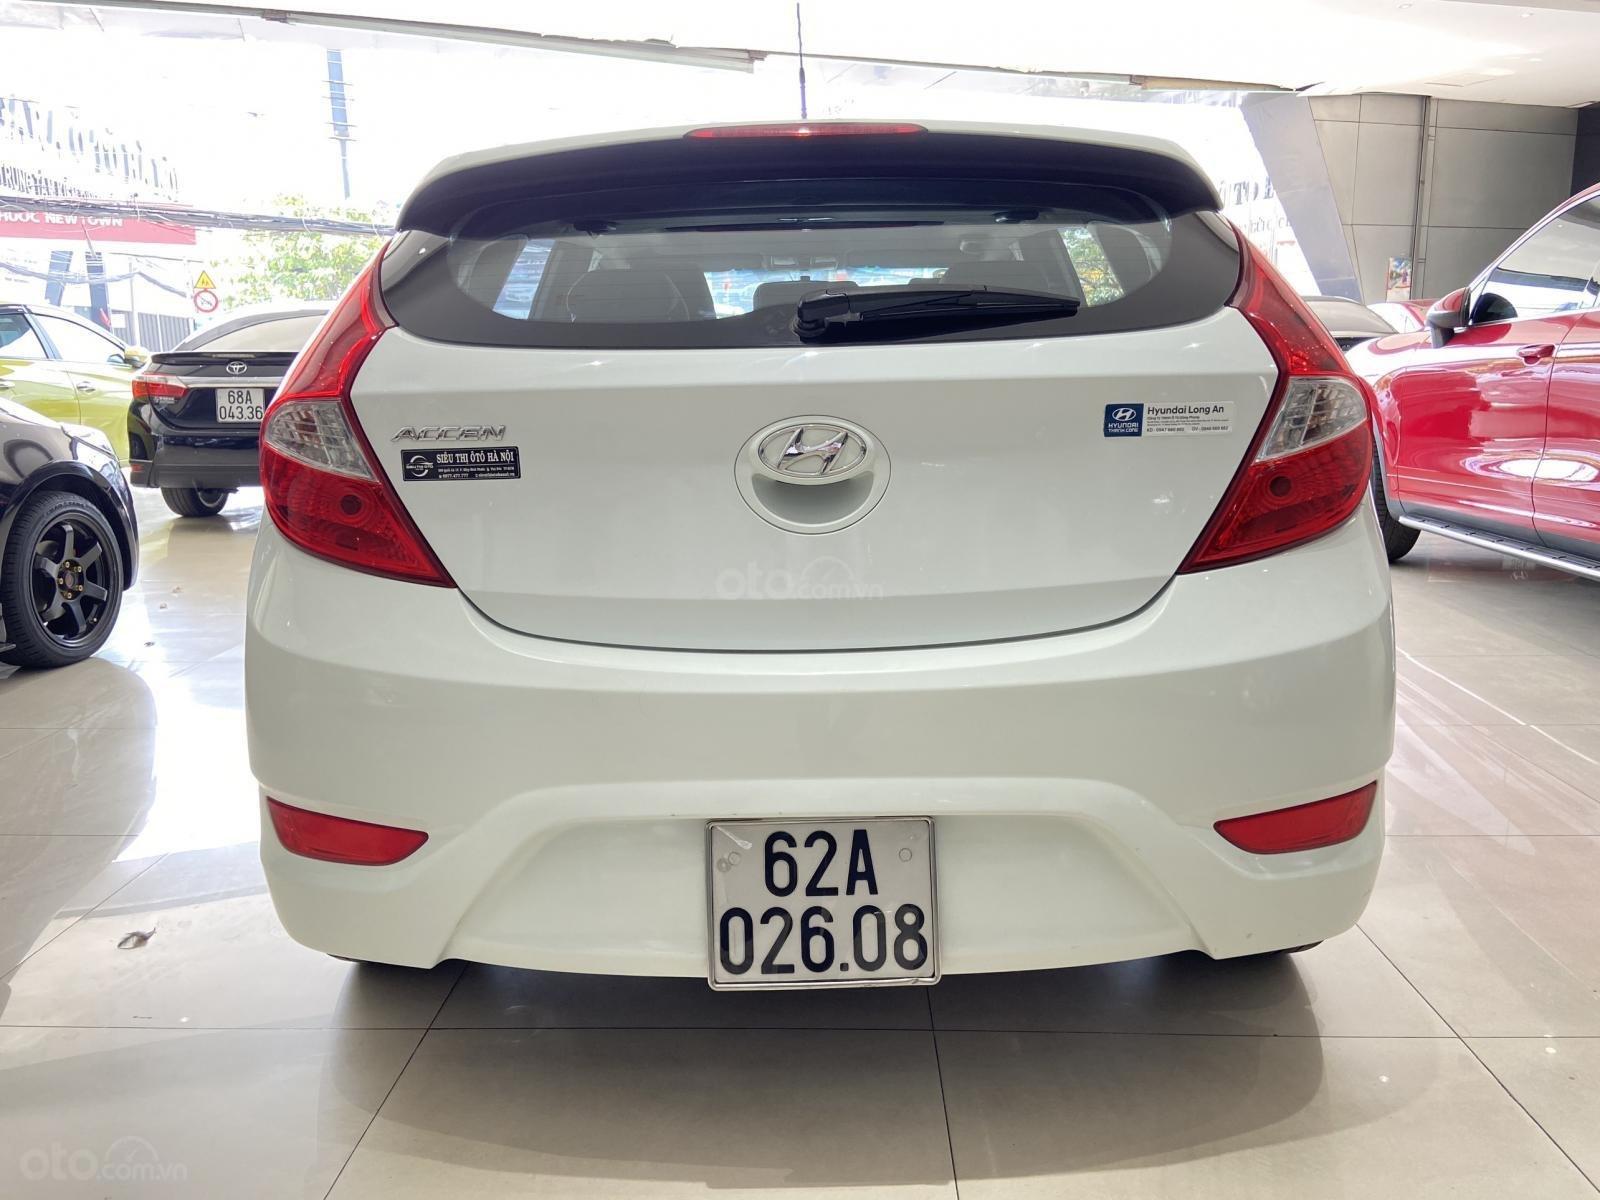 Bán xe Hyundai Accent màu trắng, xe gia đình nên đẹp như mới (4)